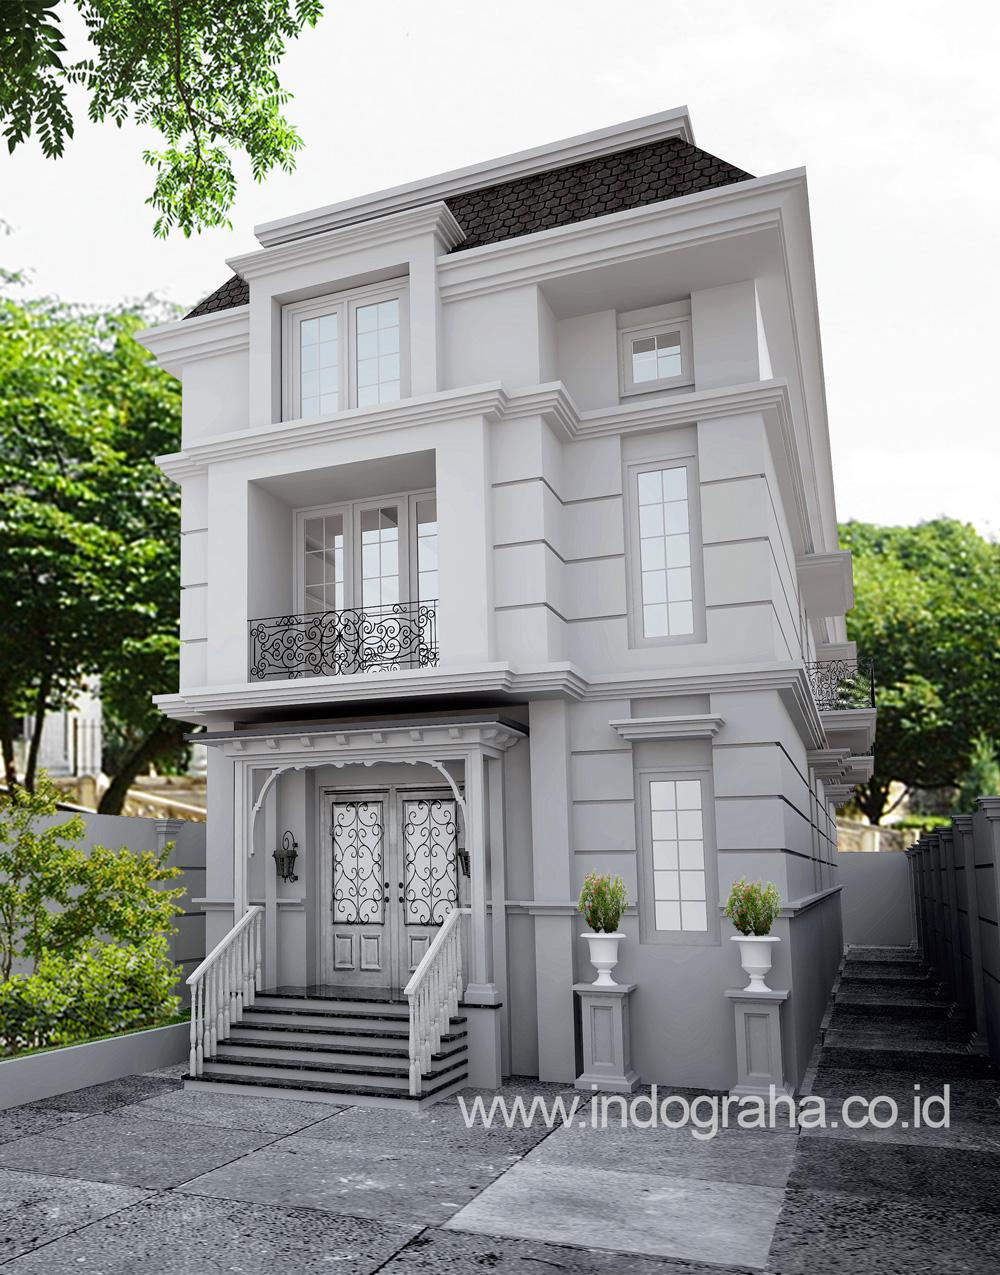 Gambar arsitektur kantor tingkat 3 model klasik di lebak bulus jakarta